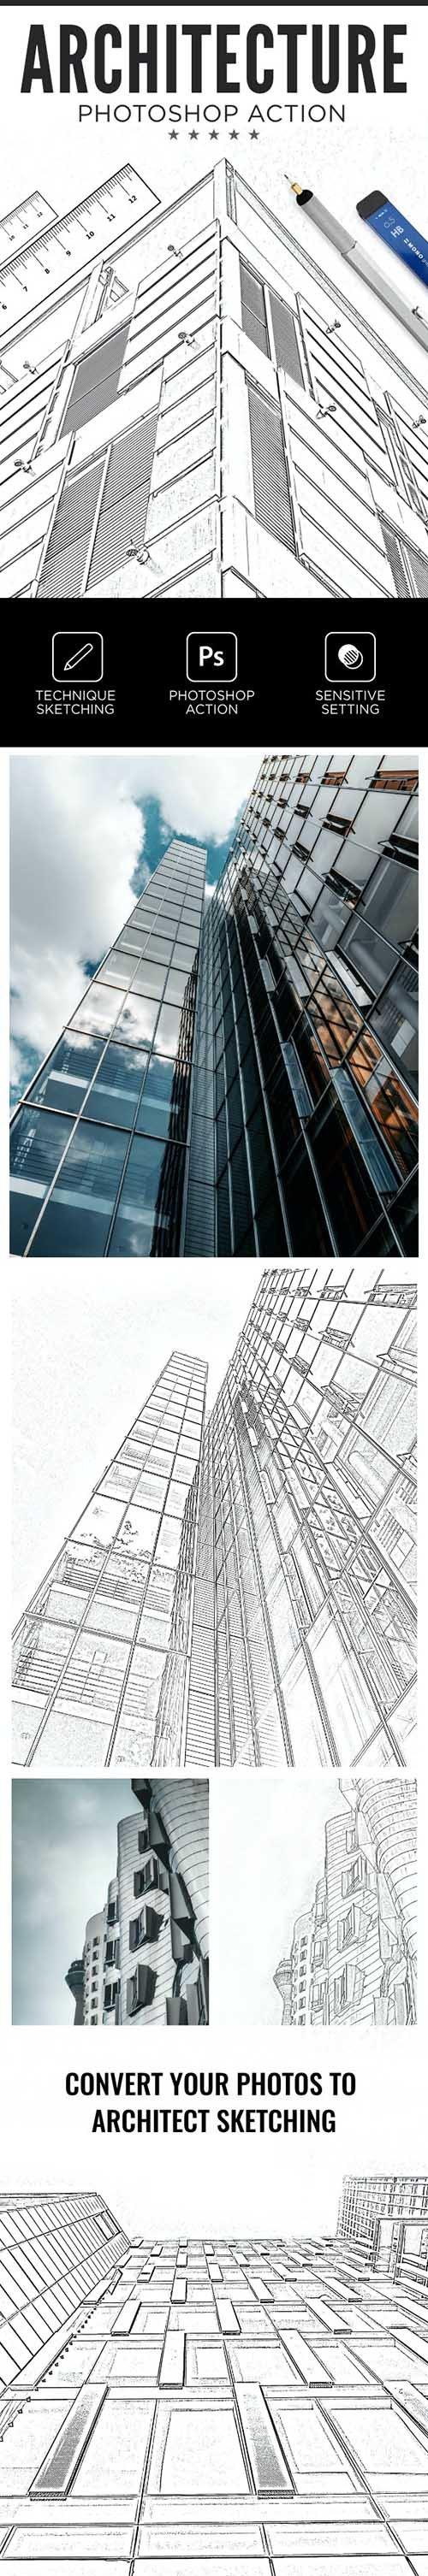 Architecture Photoshop Action 26533251